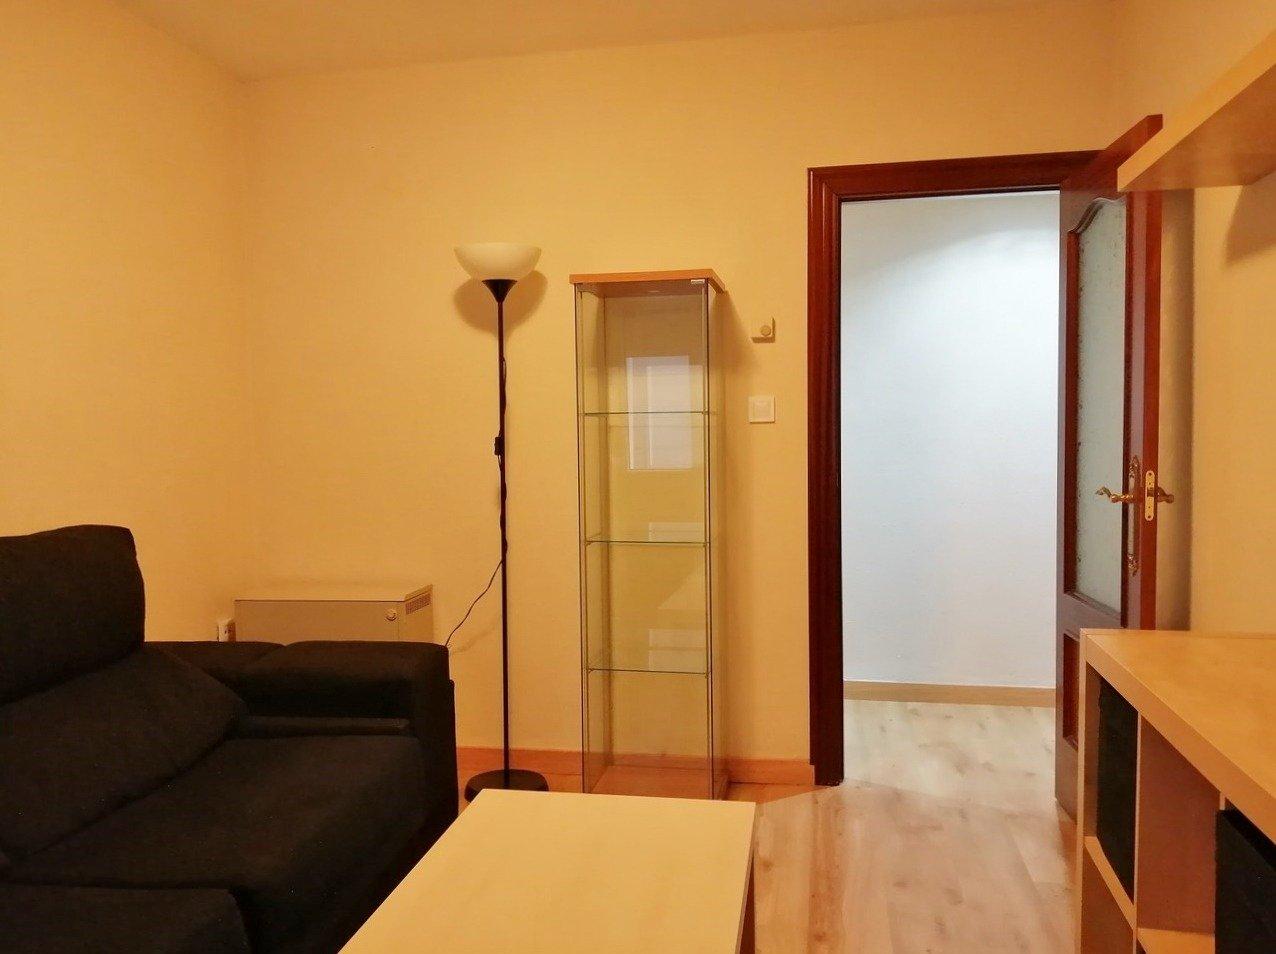 Estupendo piso reformado y amueblado - imagenInmueble19